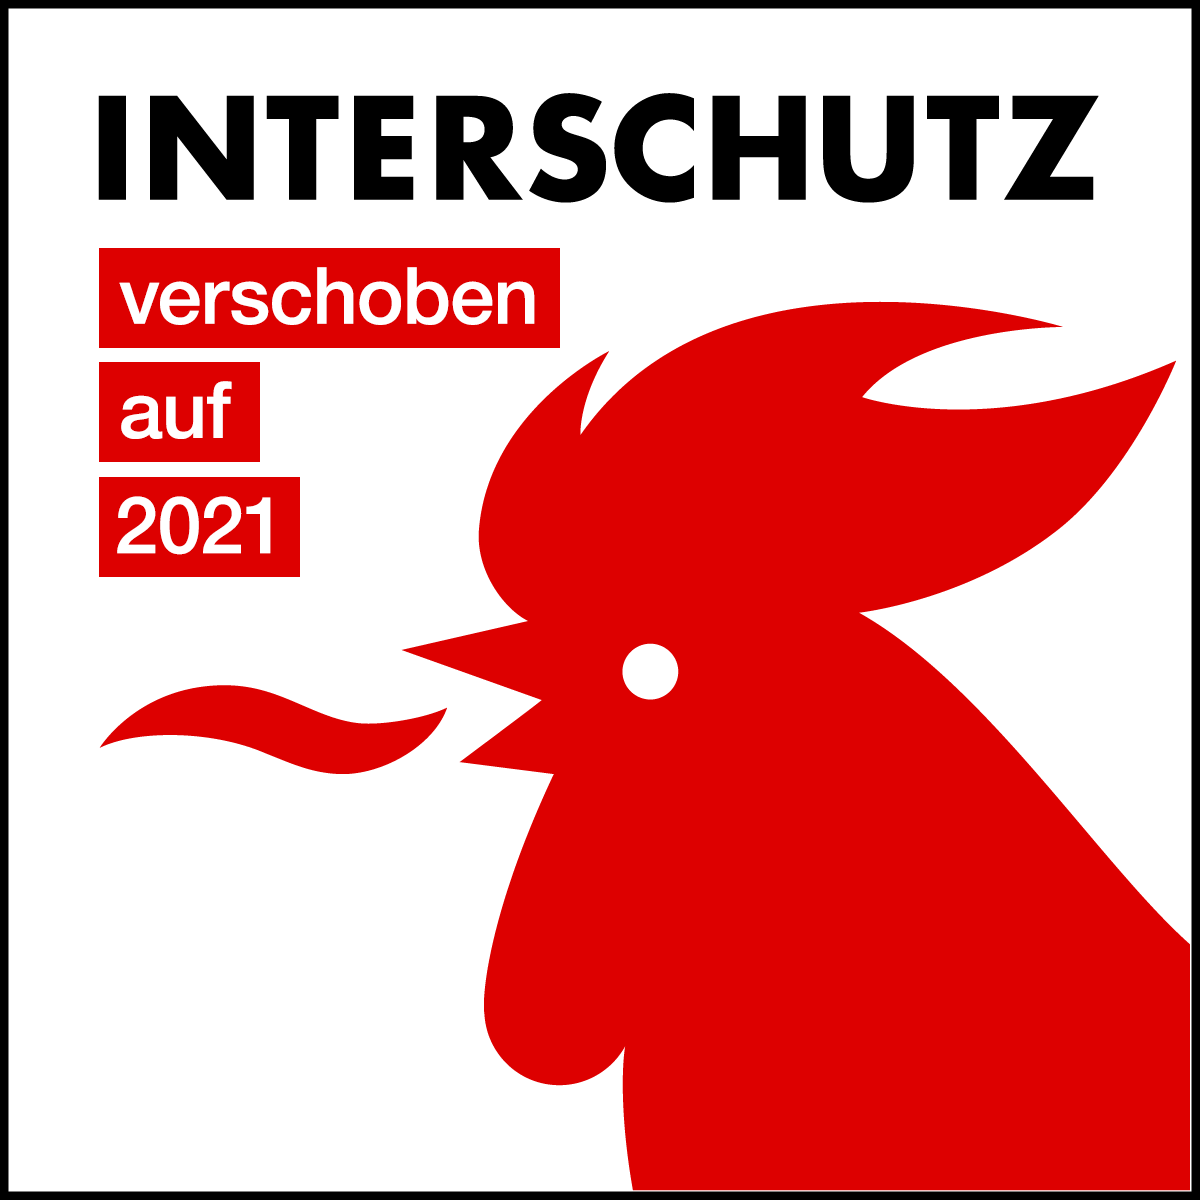 INTERSCHUTZ 2020 wird verschoben auf 2021